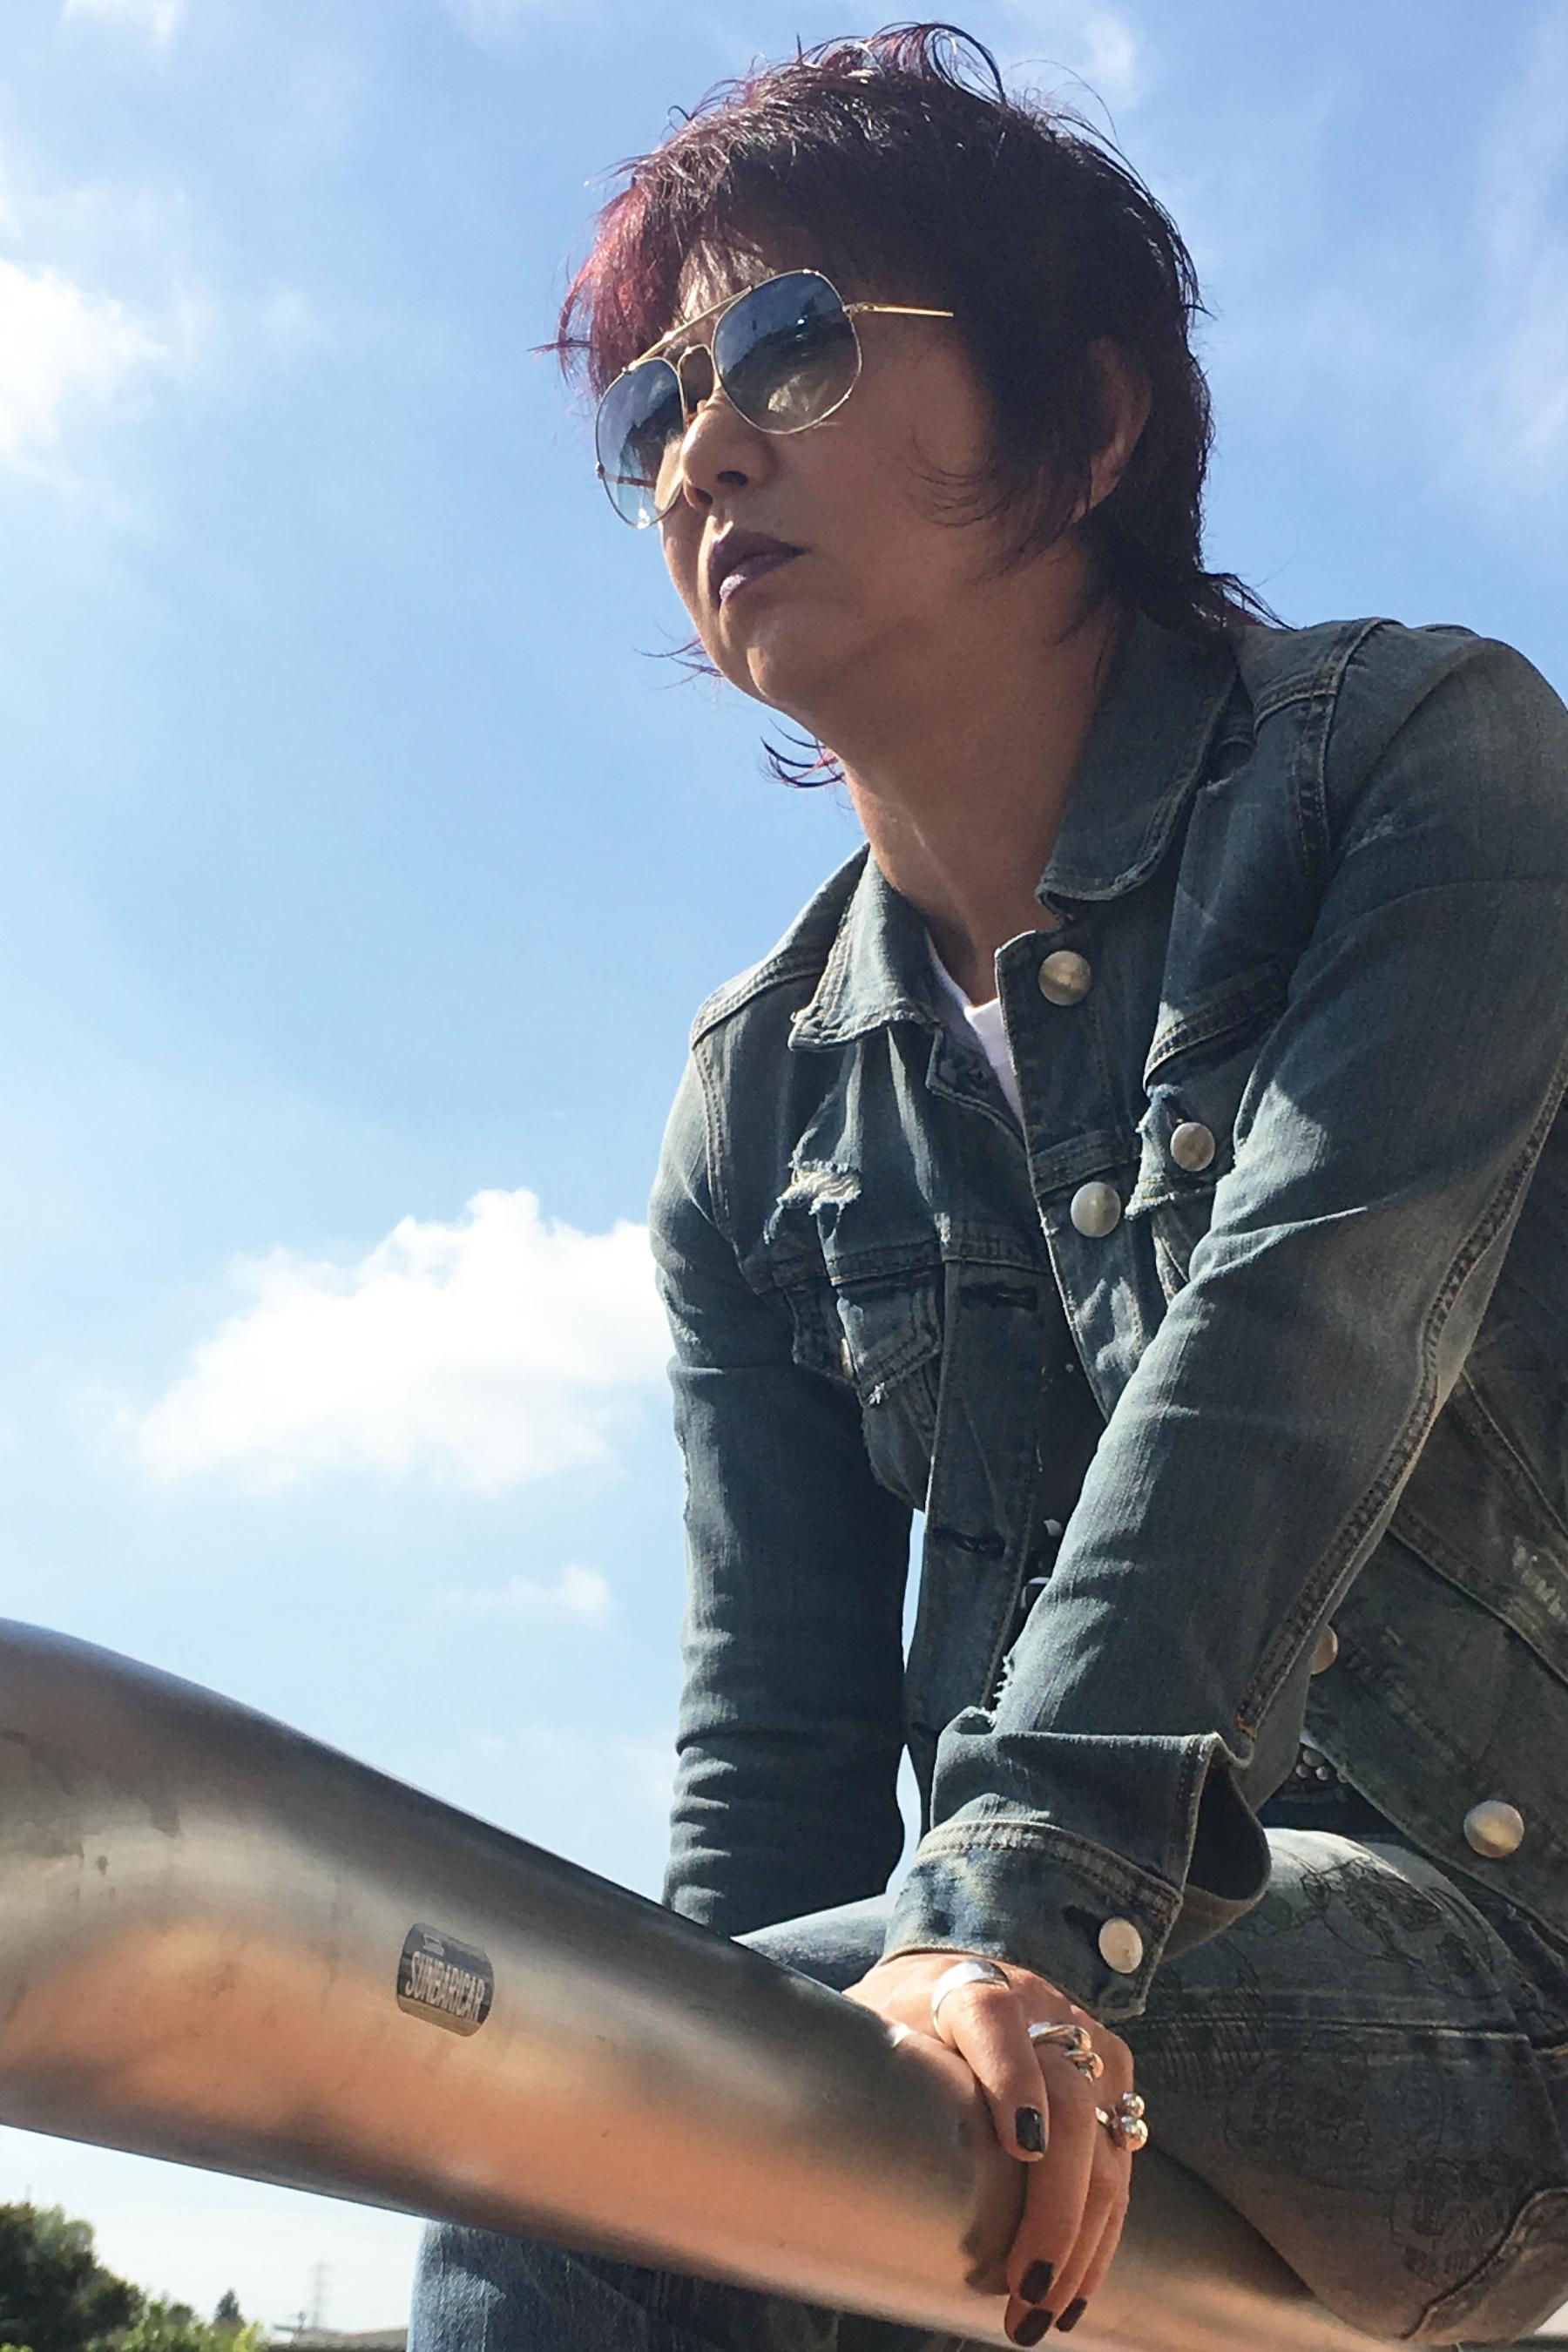 Masumi Hara